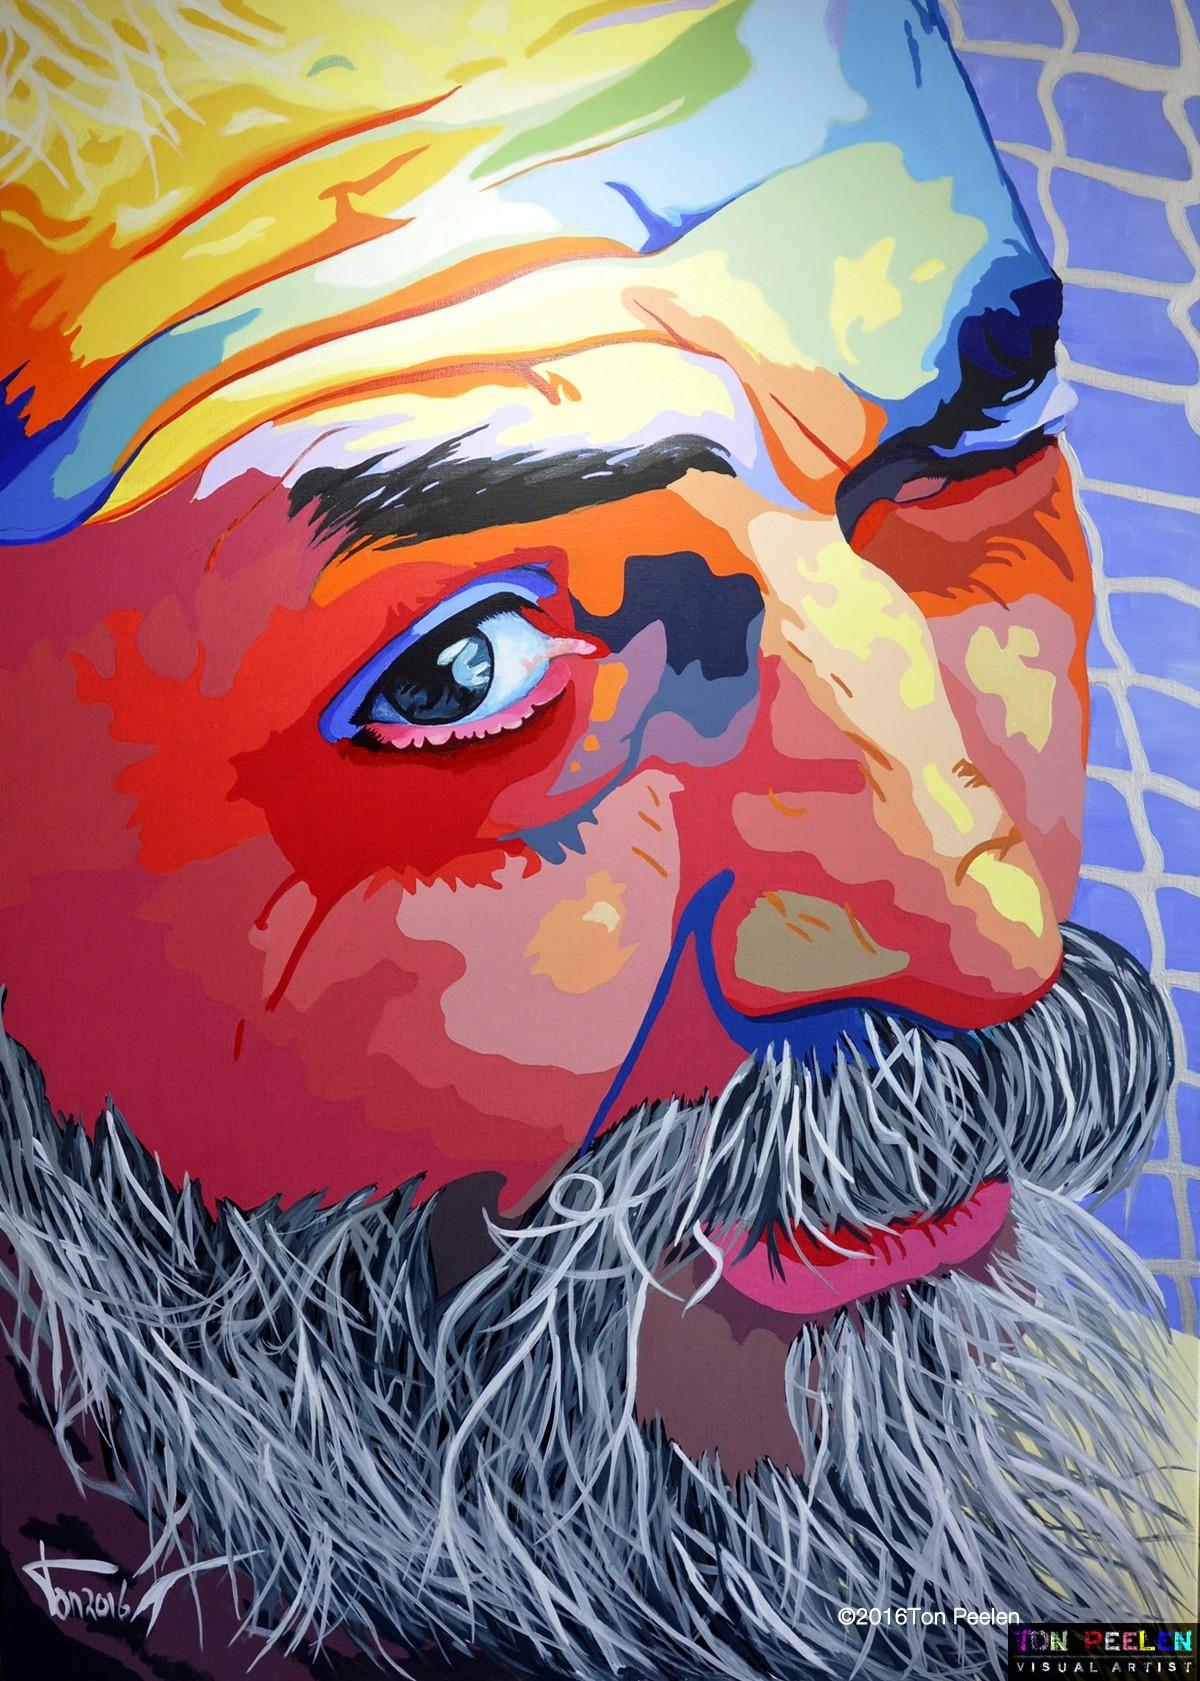 Painting Hippie guy on Ibiza by Dutch artist Ton Peelen